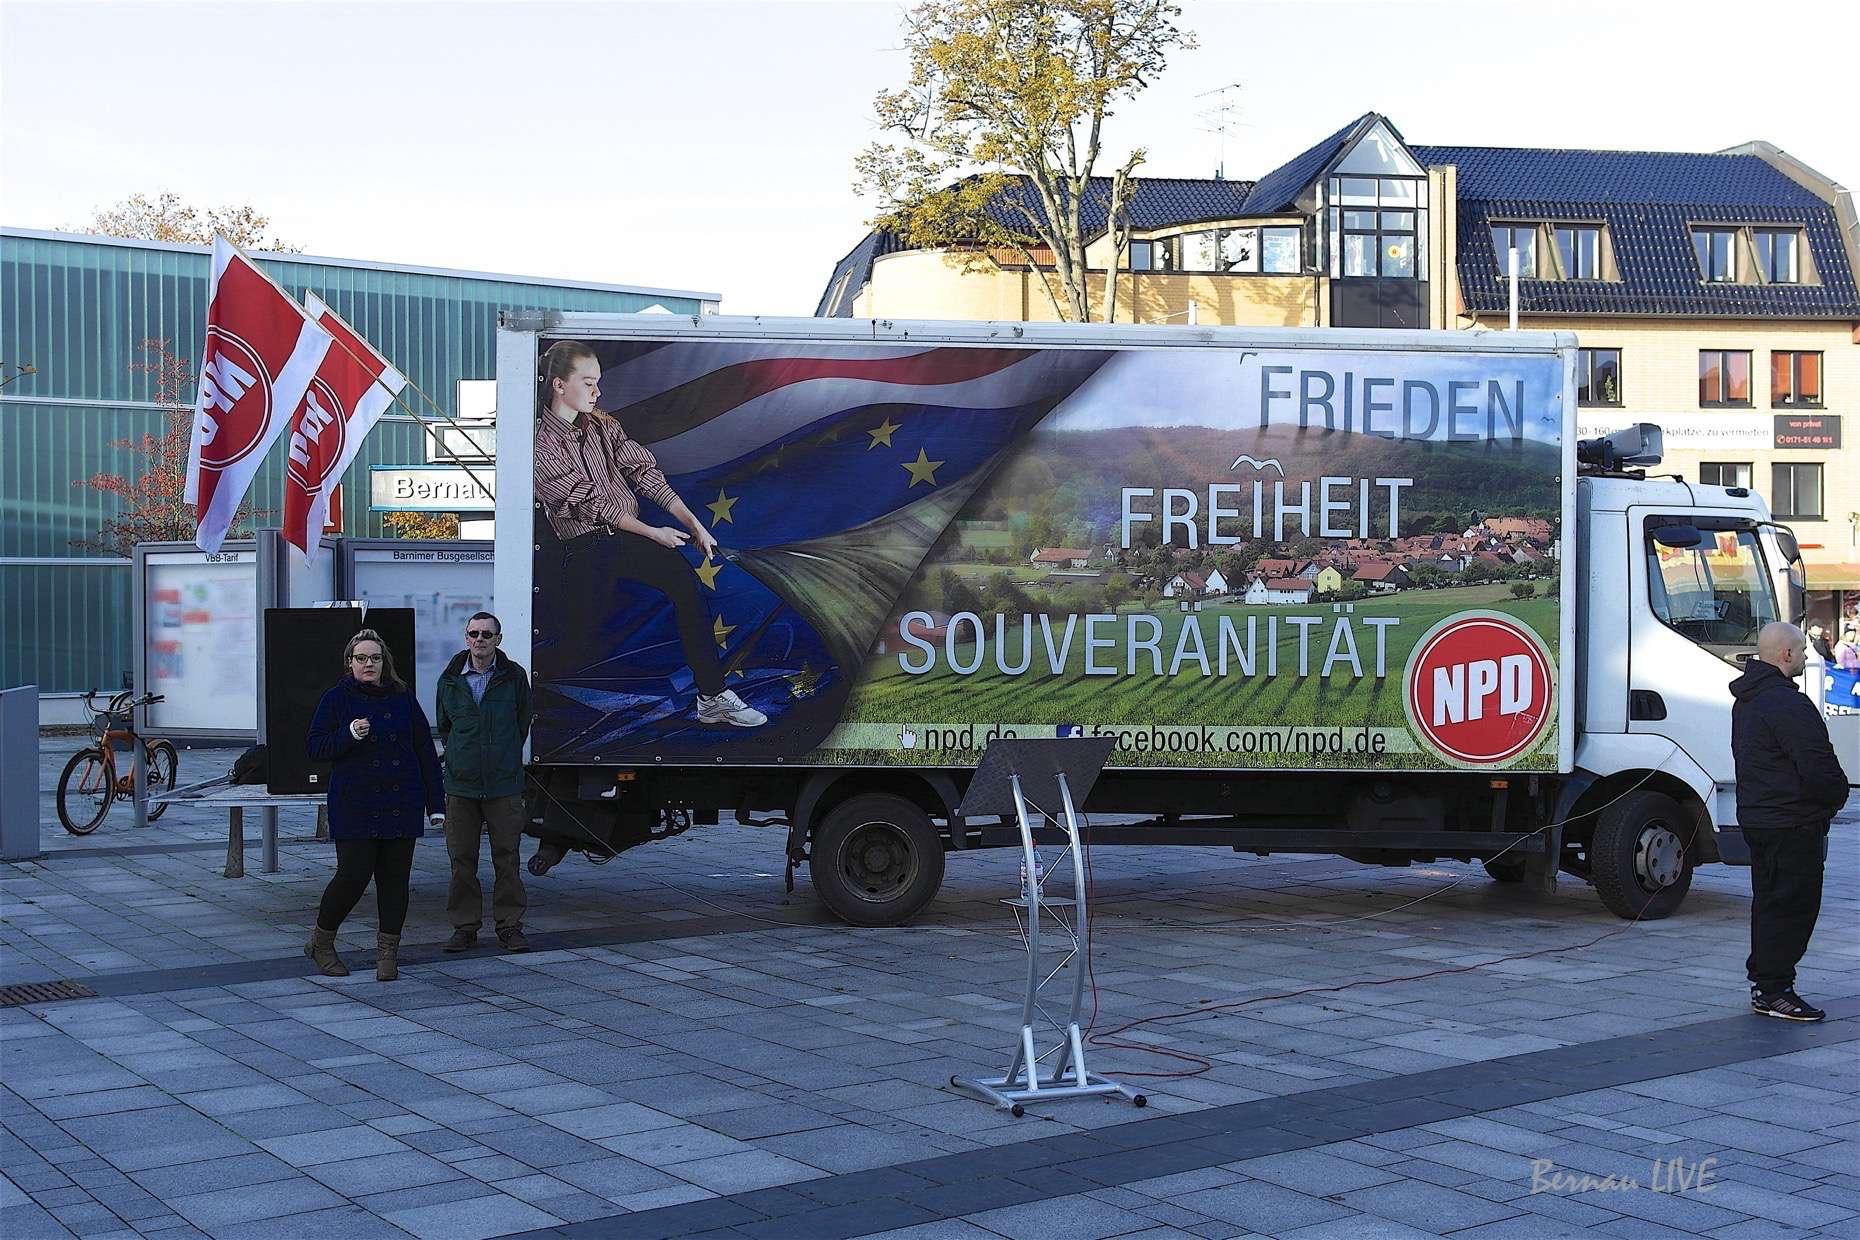 NPD Kundgebung in Bernau - grösseres Auto aber mehr auch nicht!